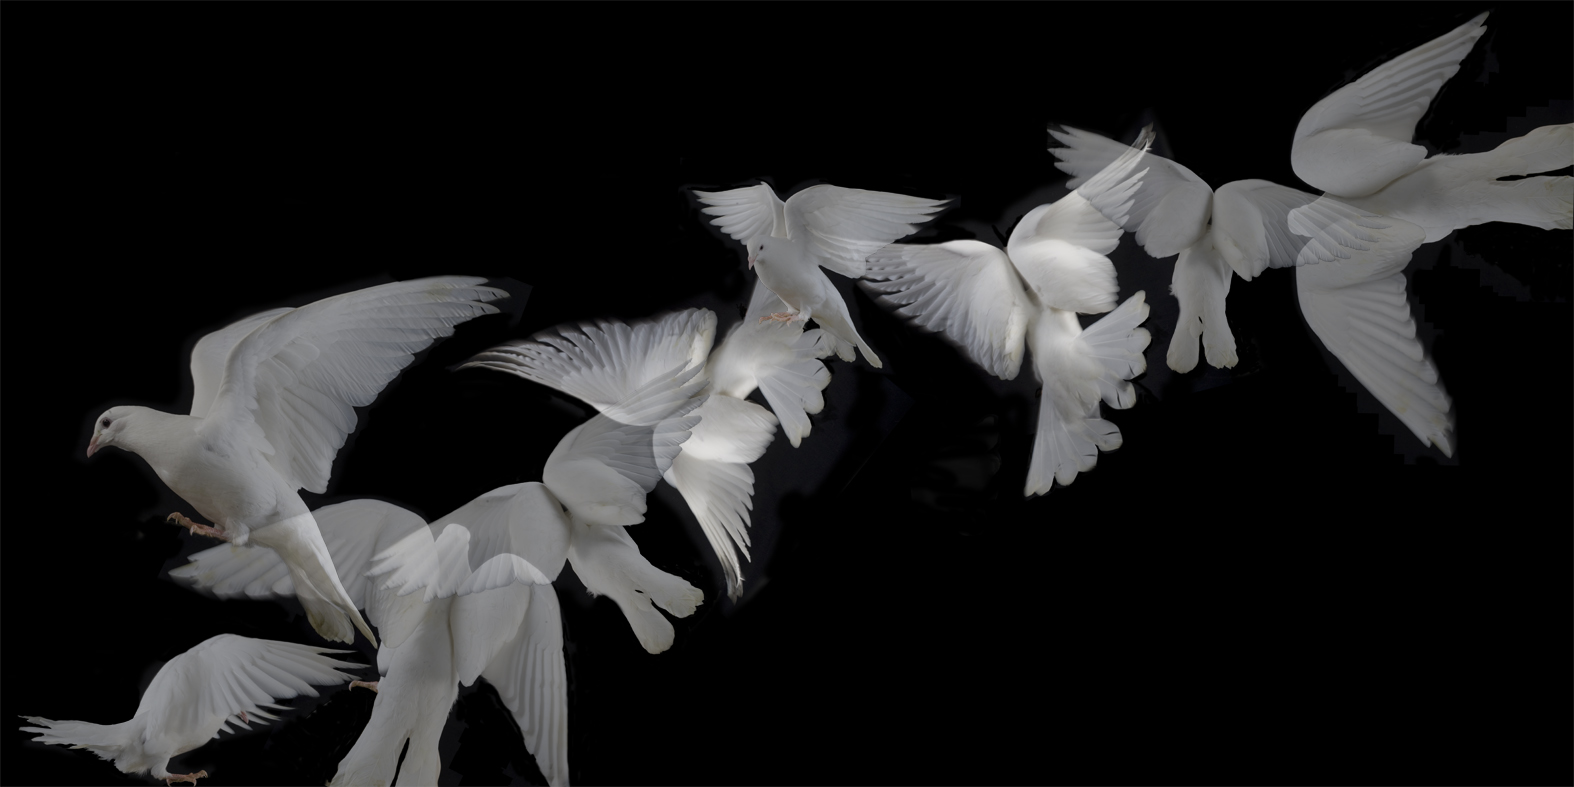 Wavering doves